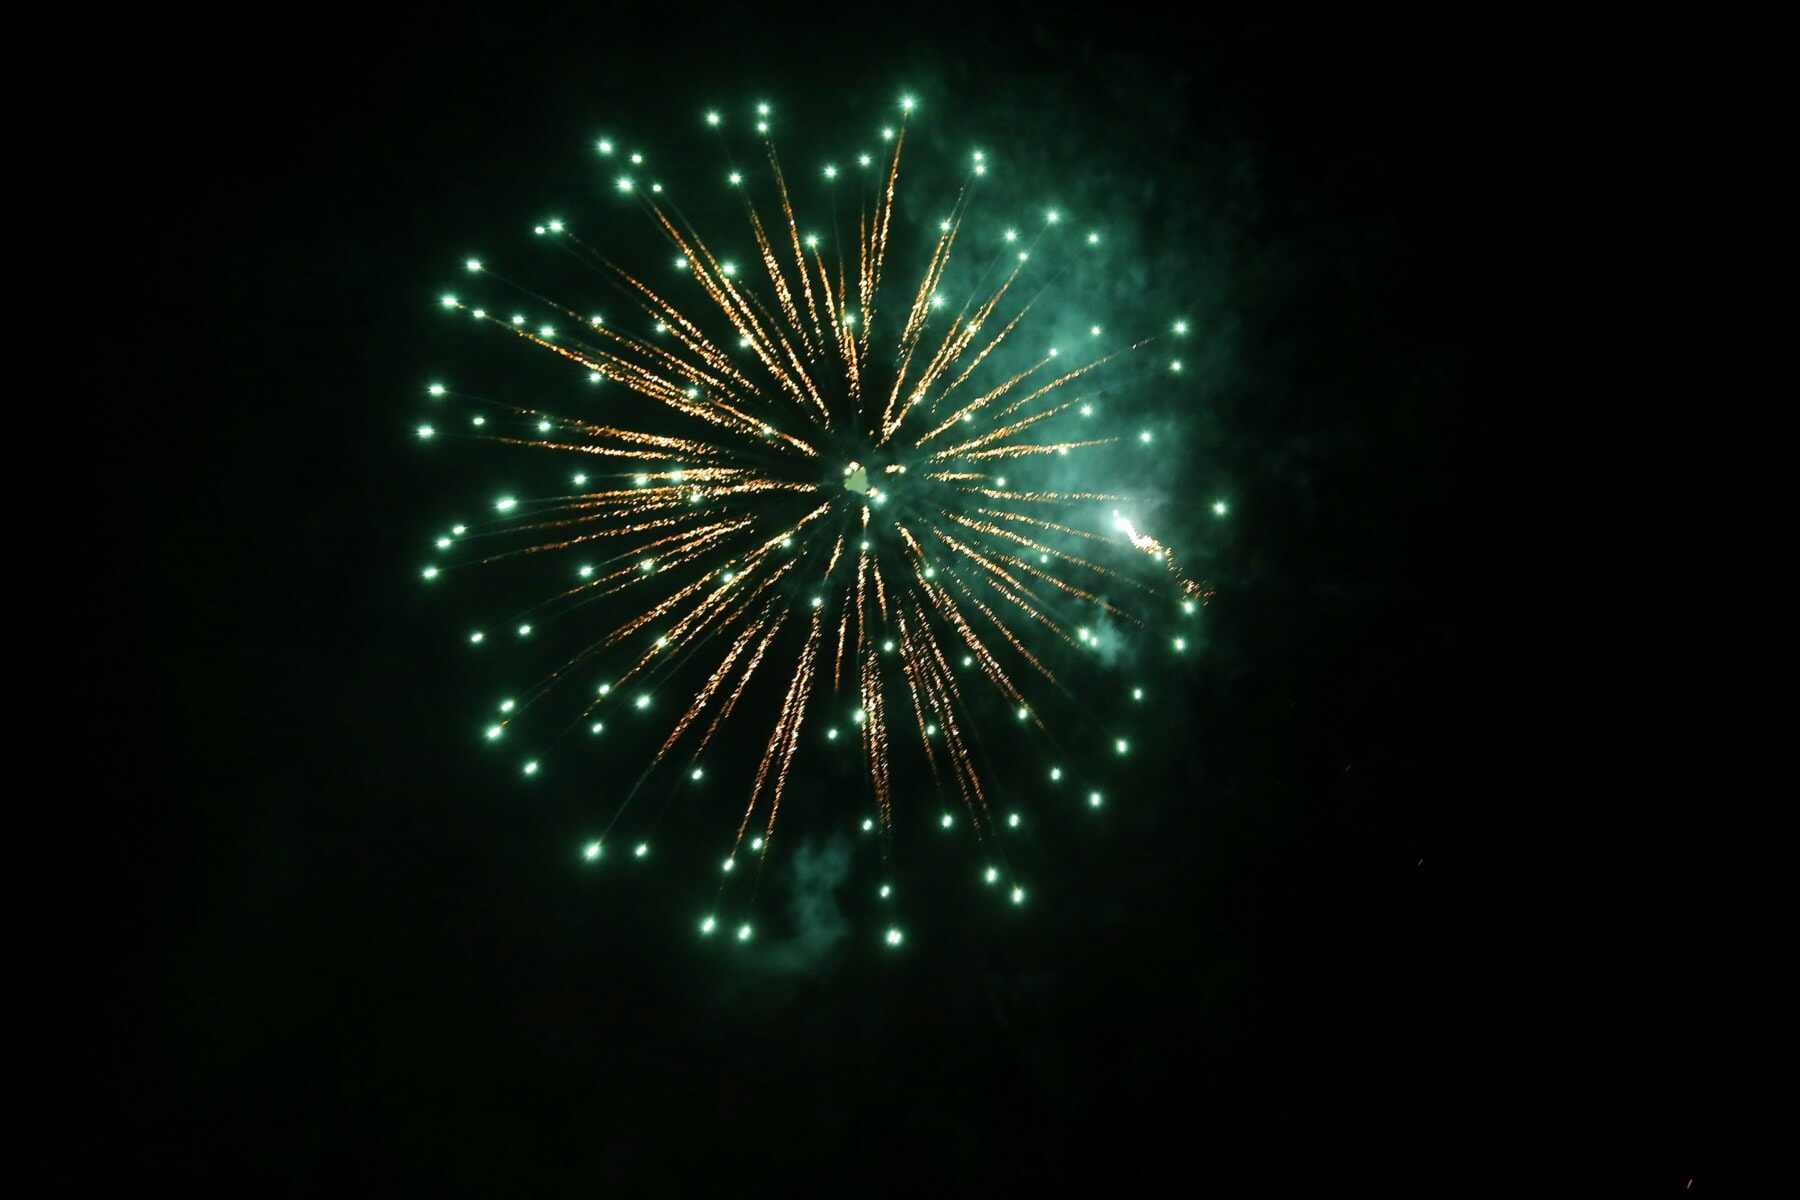 nový rok, ohňostroj, Spark, noční, noční, zelené světlo, festival, oslava, ohňostroj, exploze